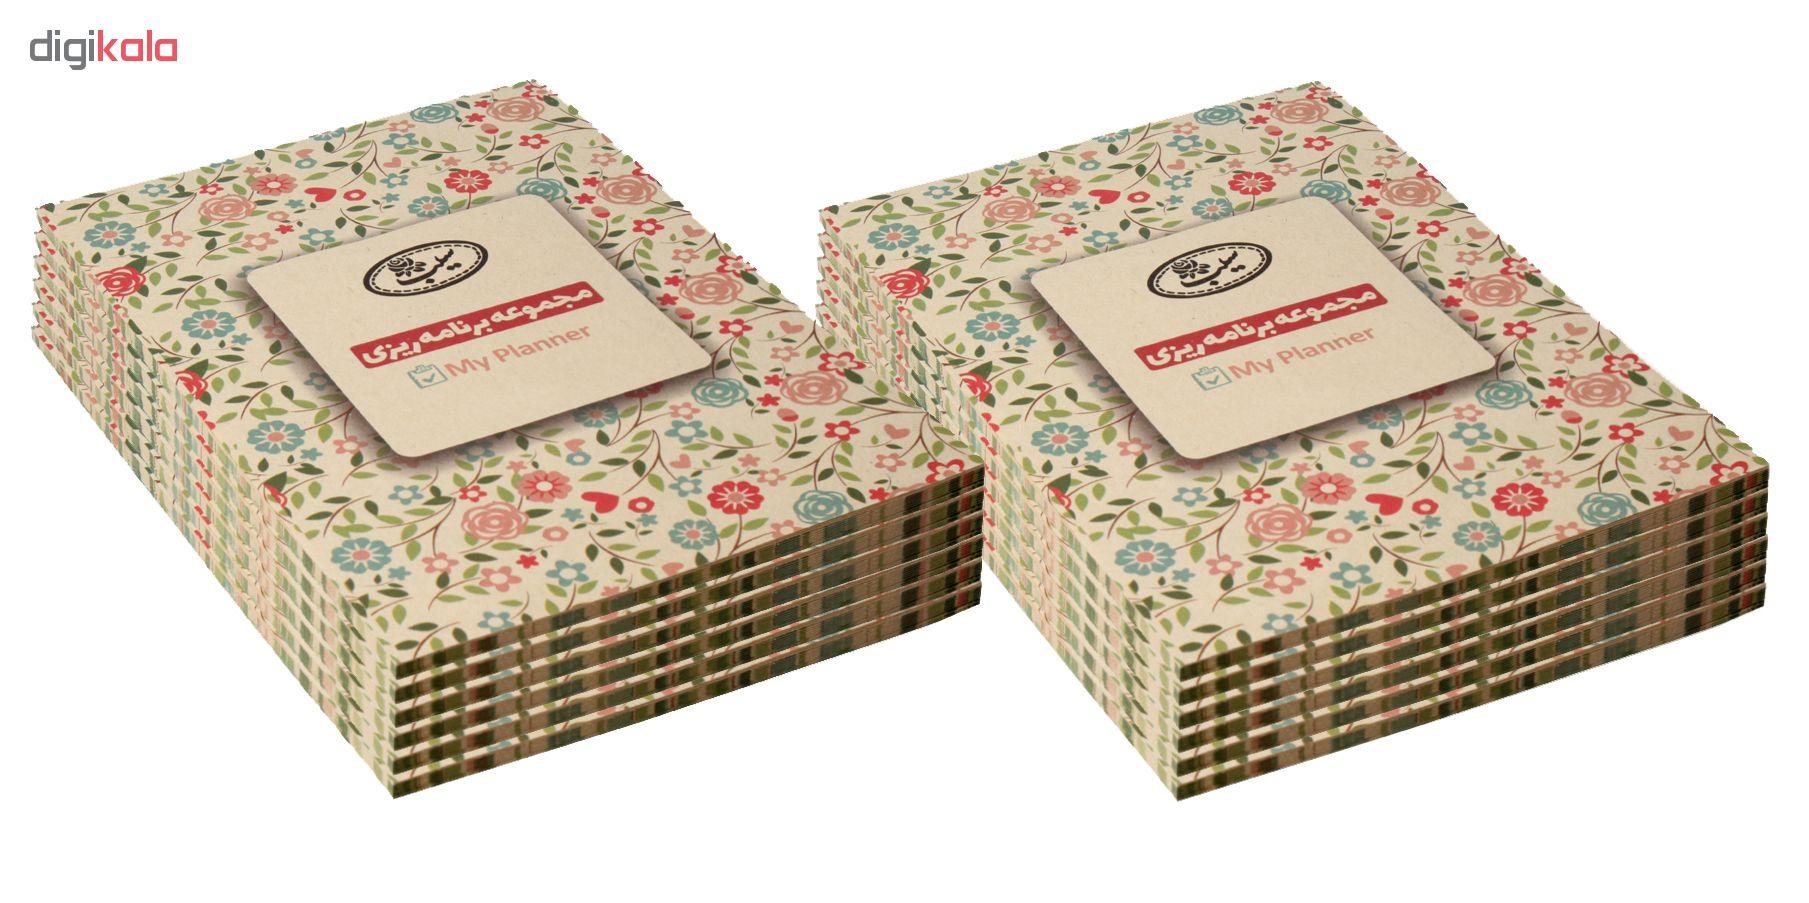 قیمت خرید دفتر برنامه ریزی سیب مدل my planner بسته 12 عددی اورجینال